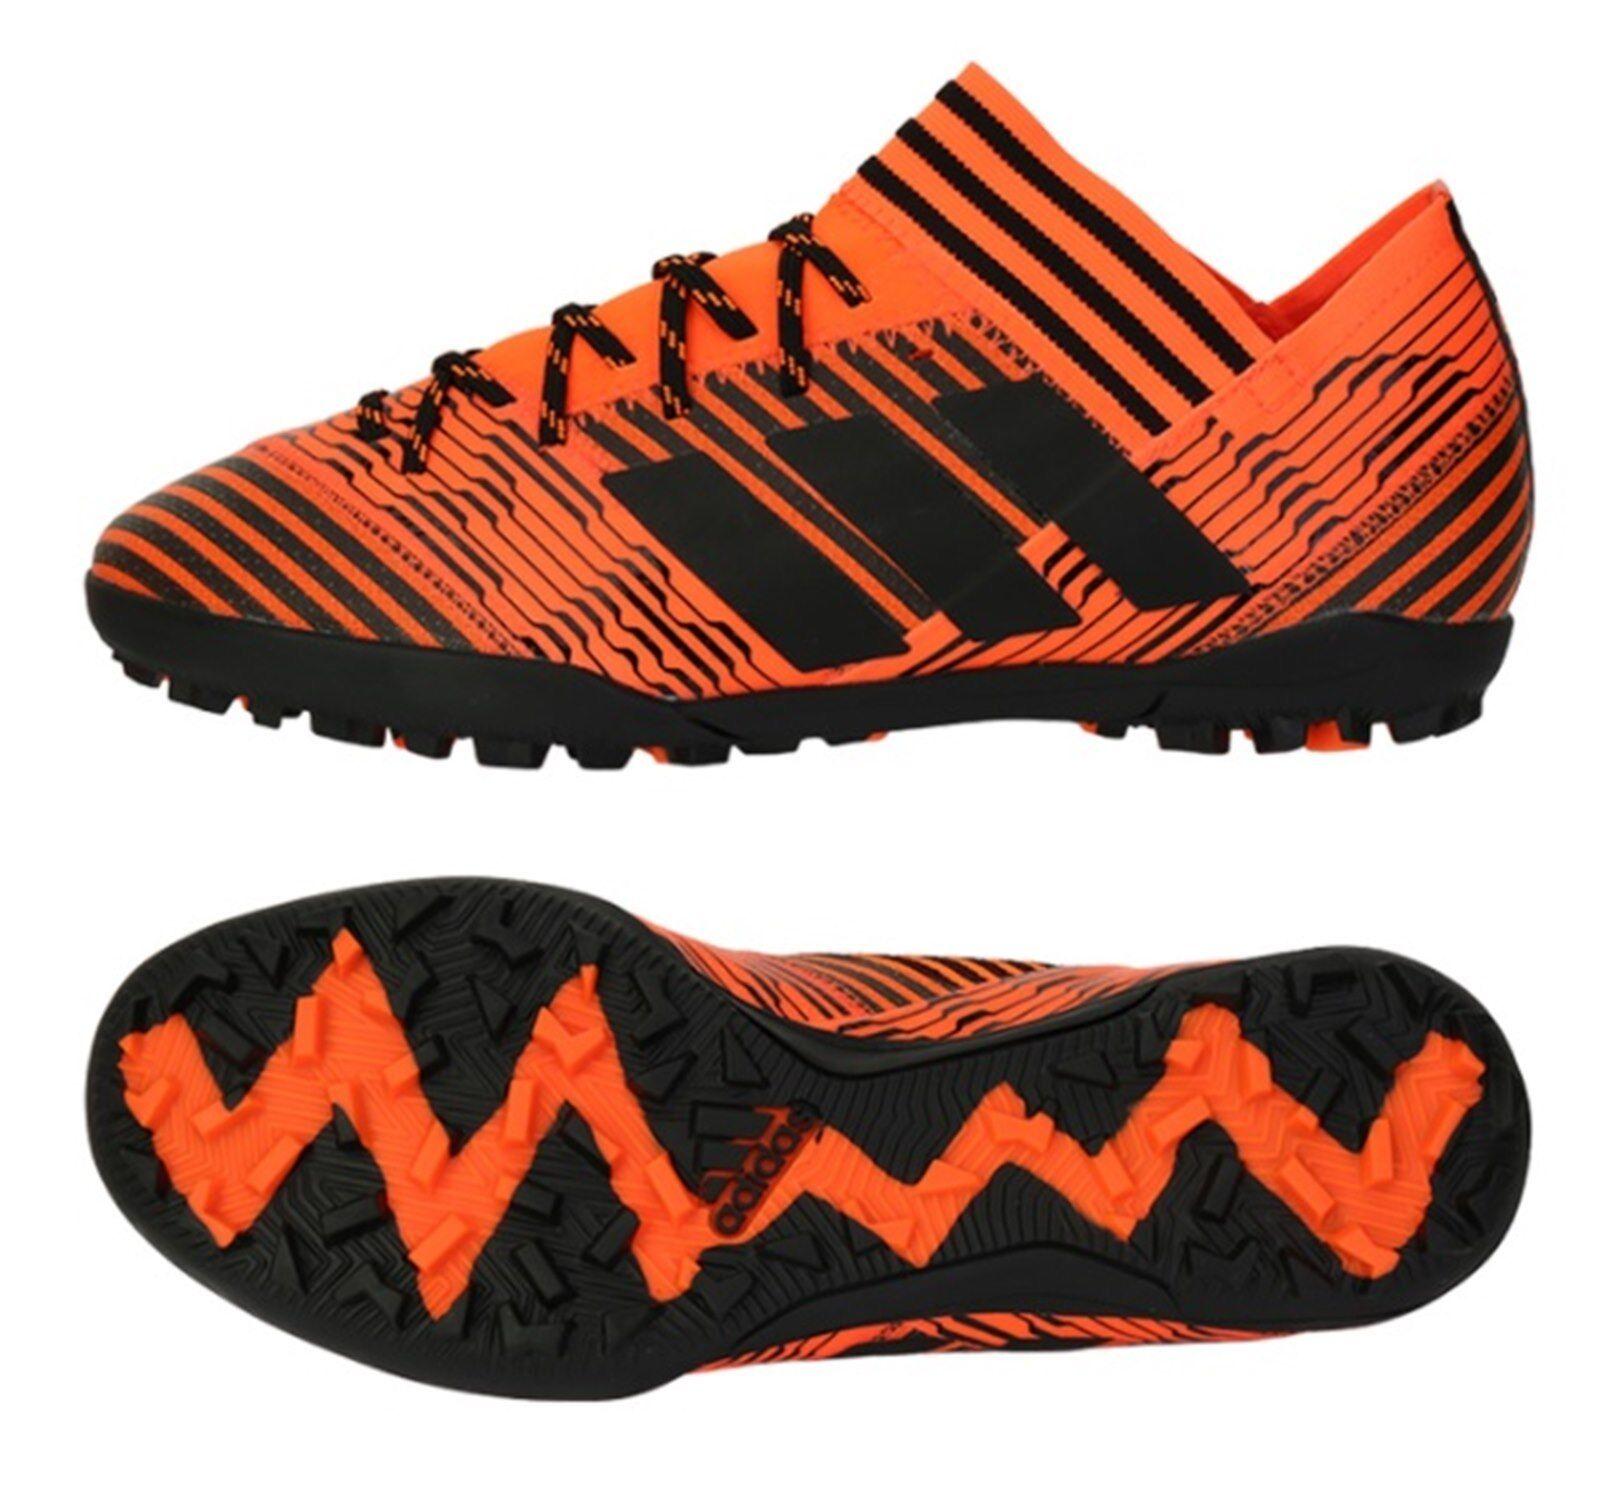 Adidas Men NEMEZIZ Tango 17.3 TF Cleats Futsal Red shoes Soccer Spike BY2827